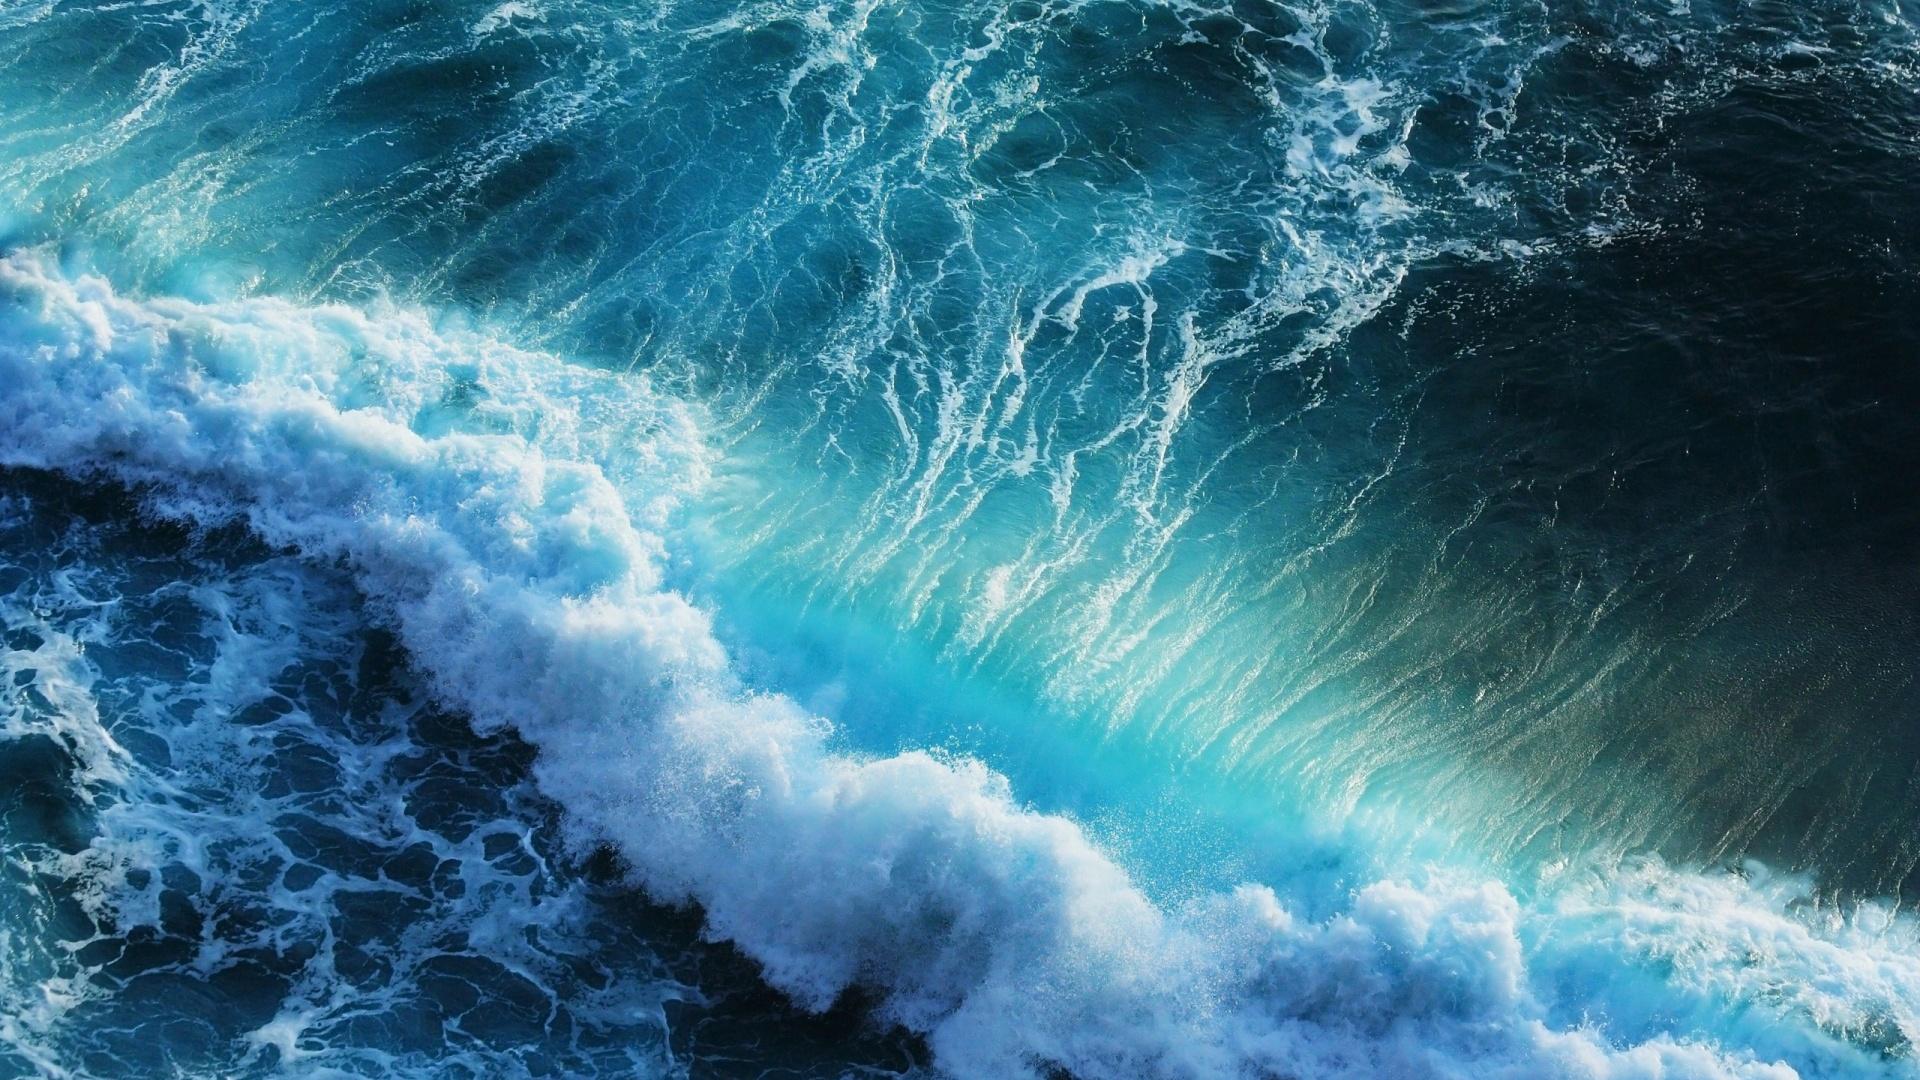 Pretty Ocean Wallpaper 19122